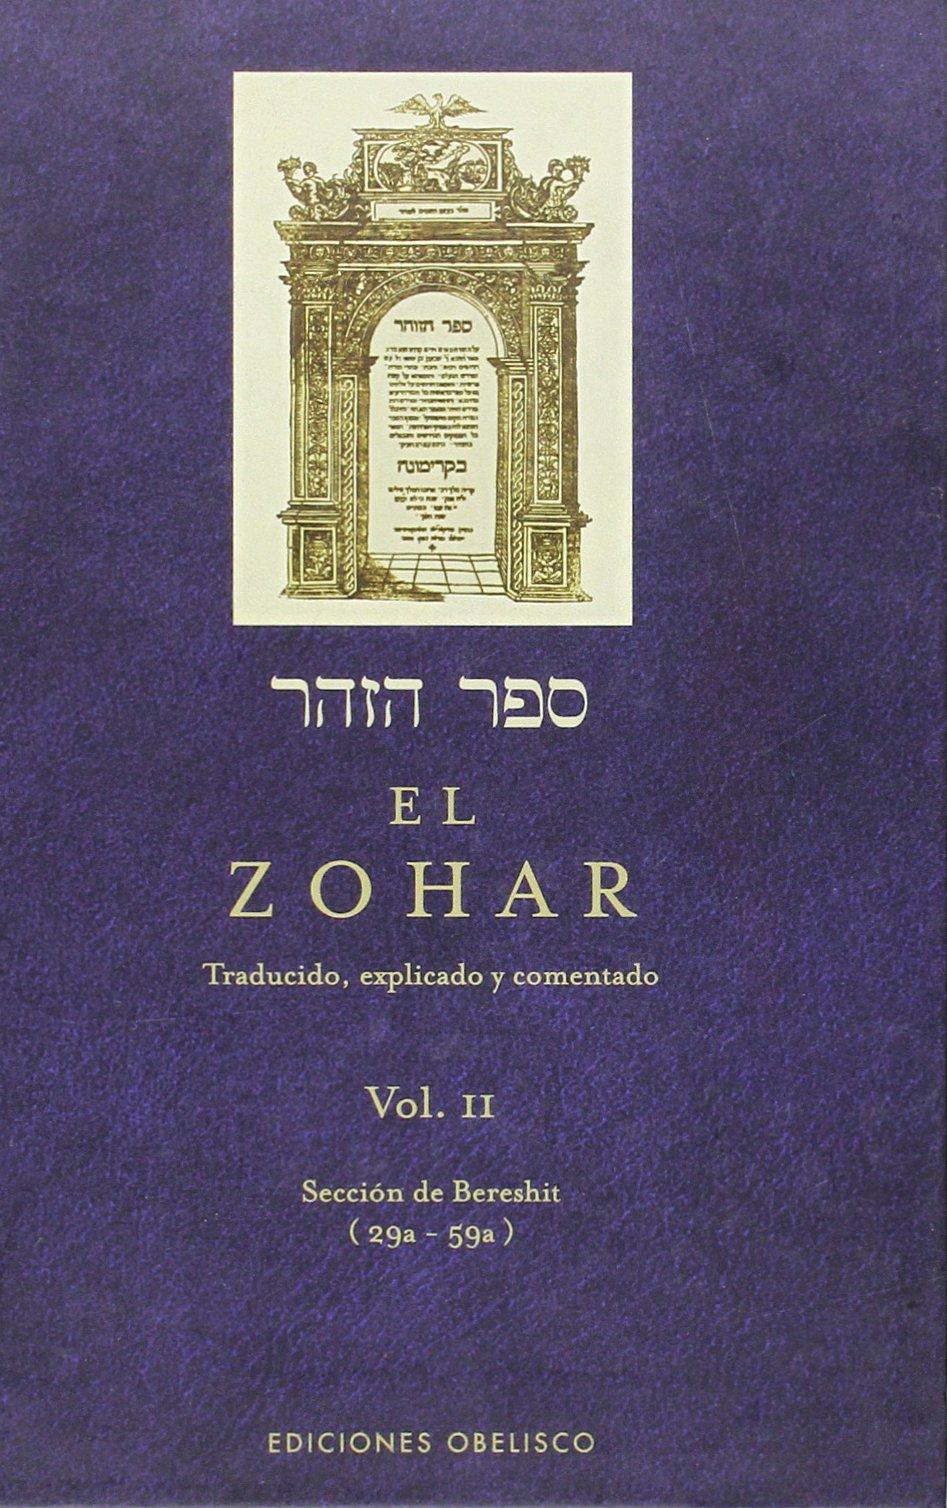 El Zohar (Vol. 2): TRADUCIDO, EXPLICADO Y COMENTADO (CABALA Y JUDAISMO)